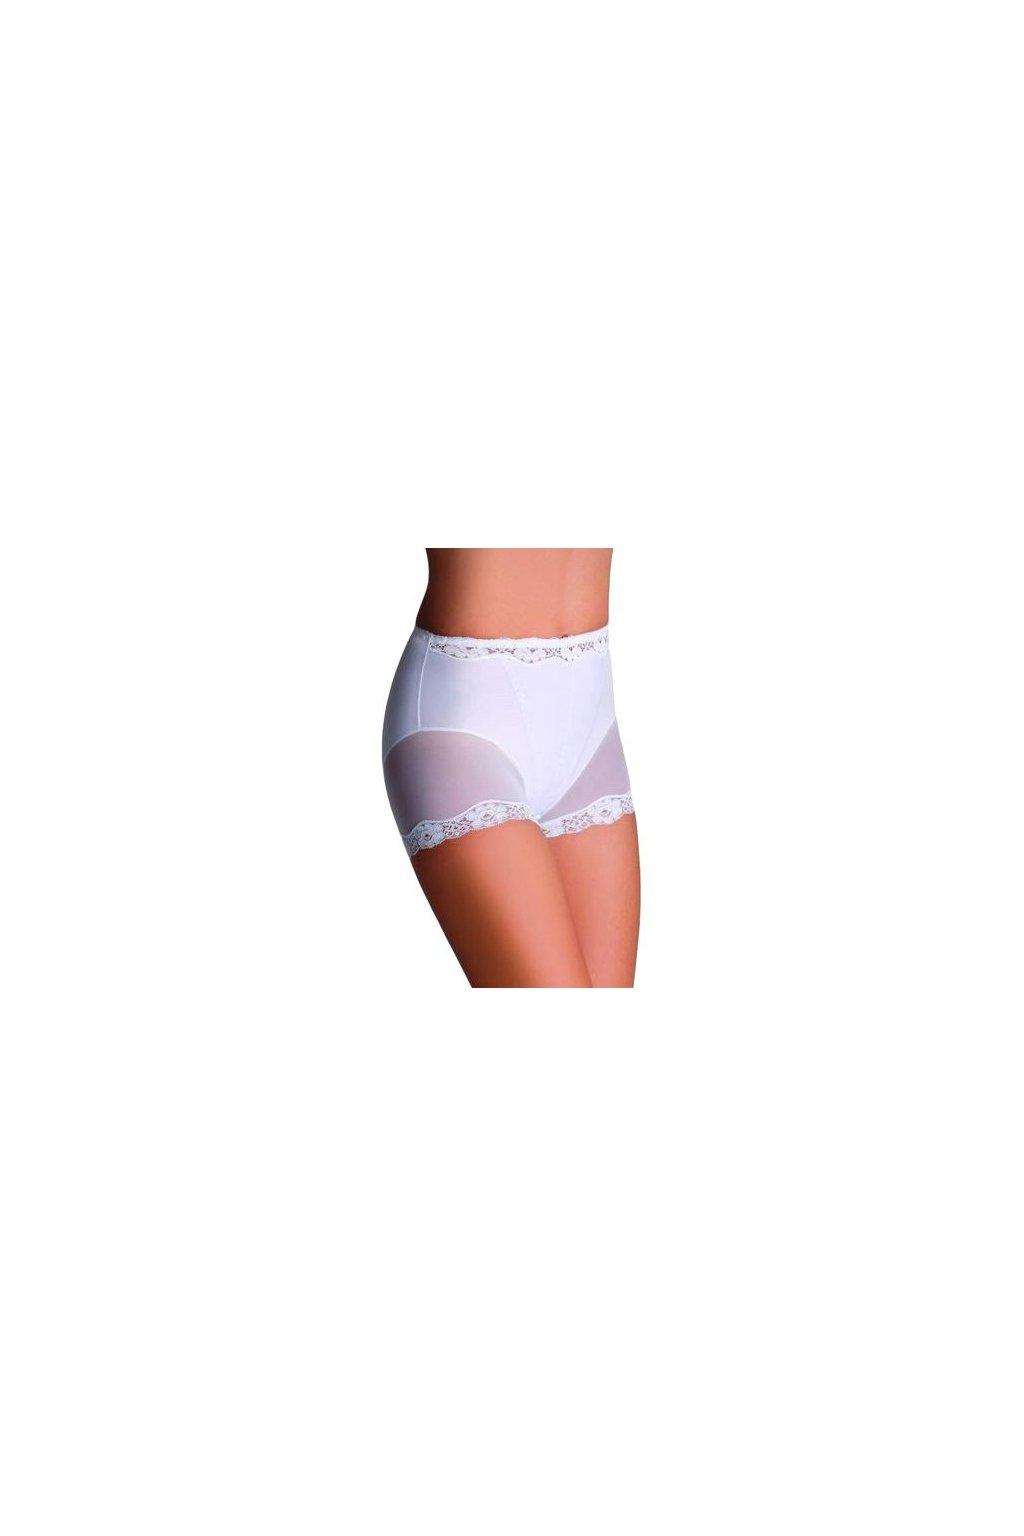 Stahovací kalhotky s nohavičkou Lara bílé